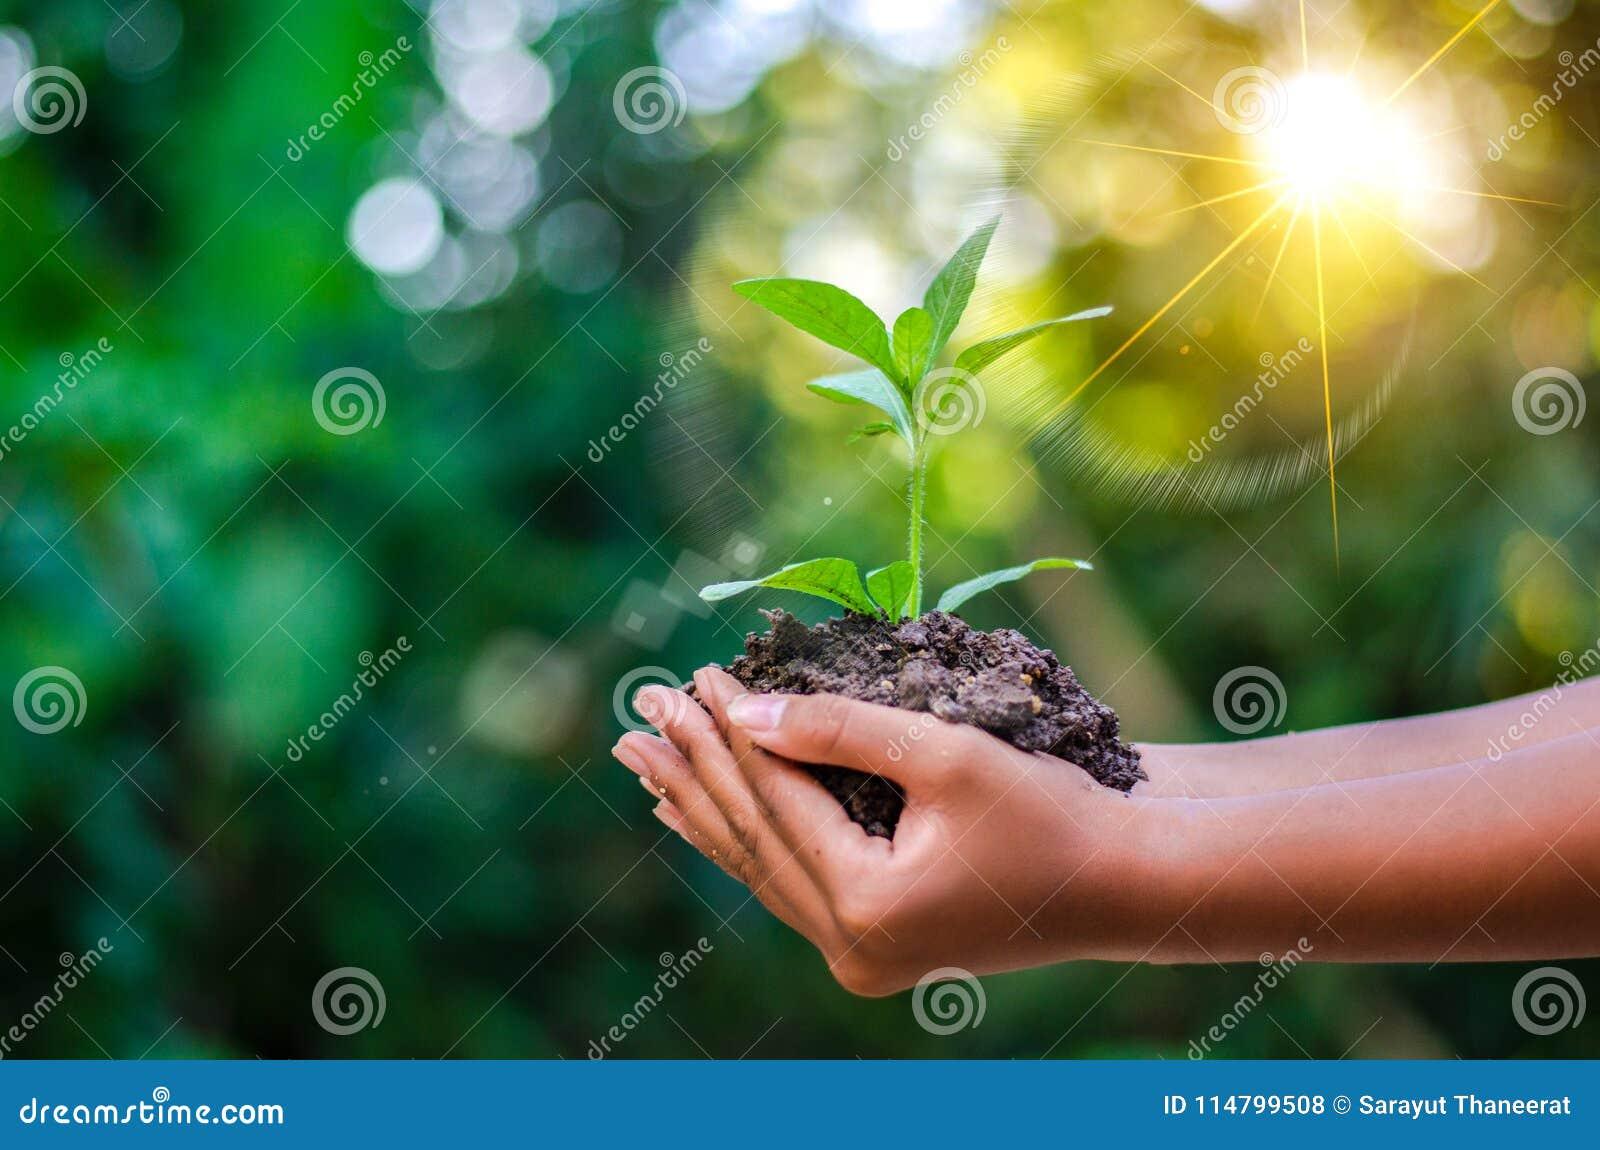 Γήινη ημέρα στα χέρια των δέντρων που αυξάνεται τα σπορόφυτα Bokeh πράσινο δέντρο εκμετάλλευσης χεριών υποβάθρου θηλυκό στο δάσος